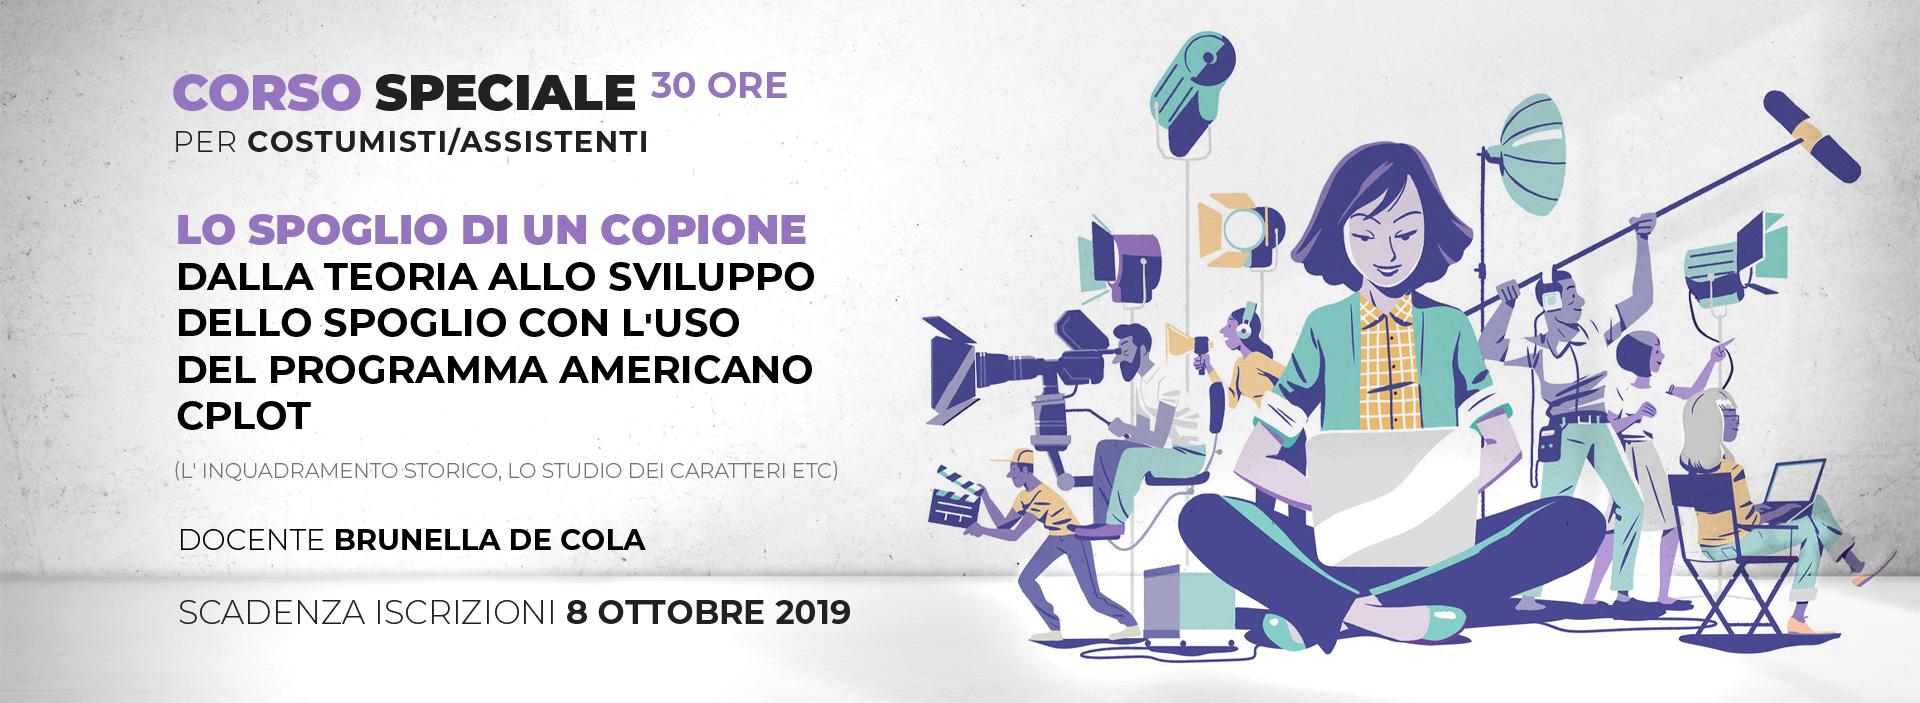 slide_corso_speciale_spoglio